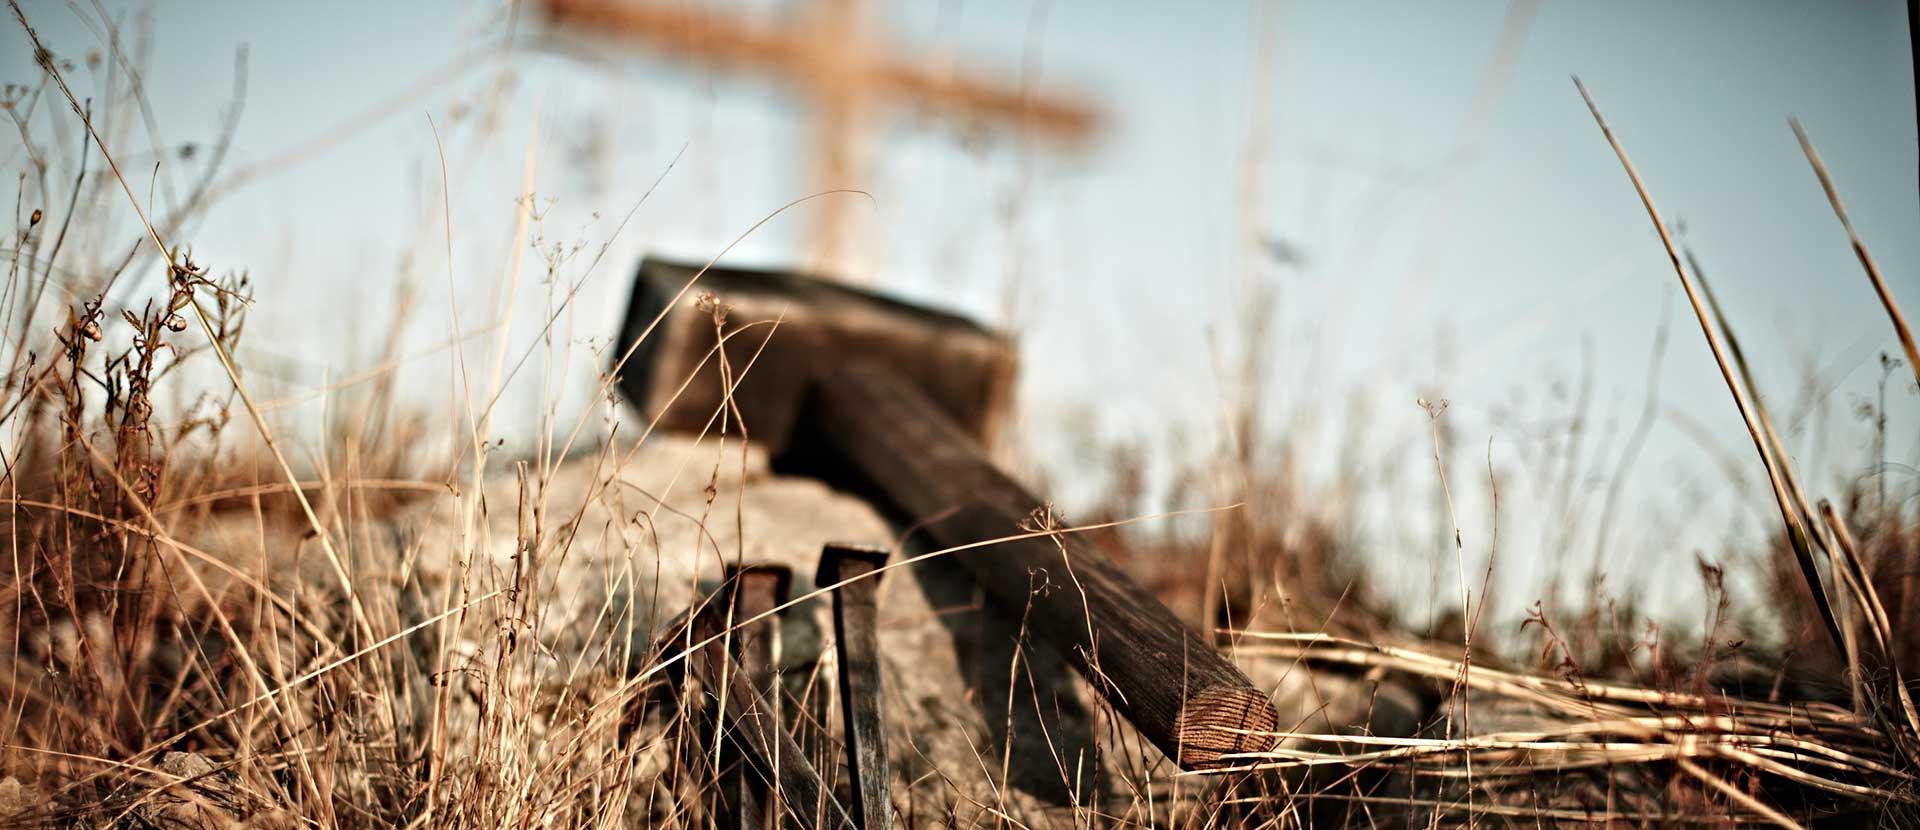 Հիսուսը վճարել այն ամենը